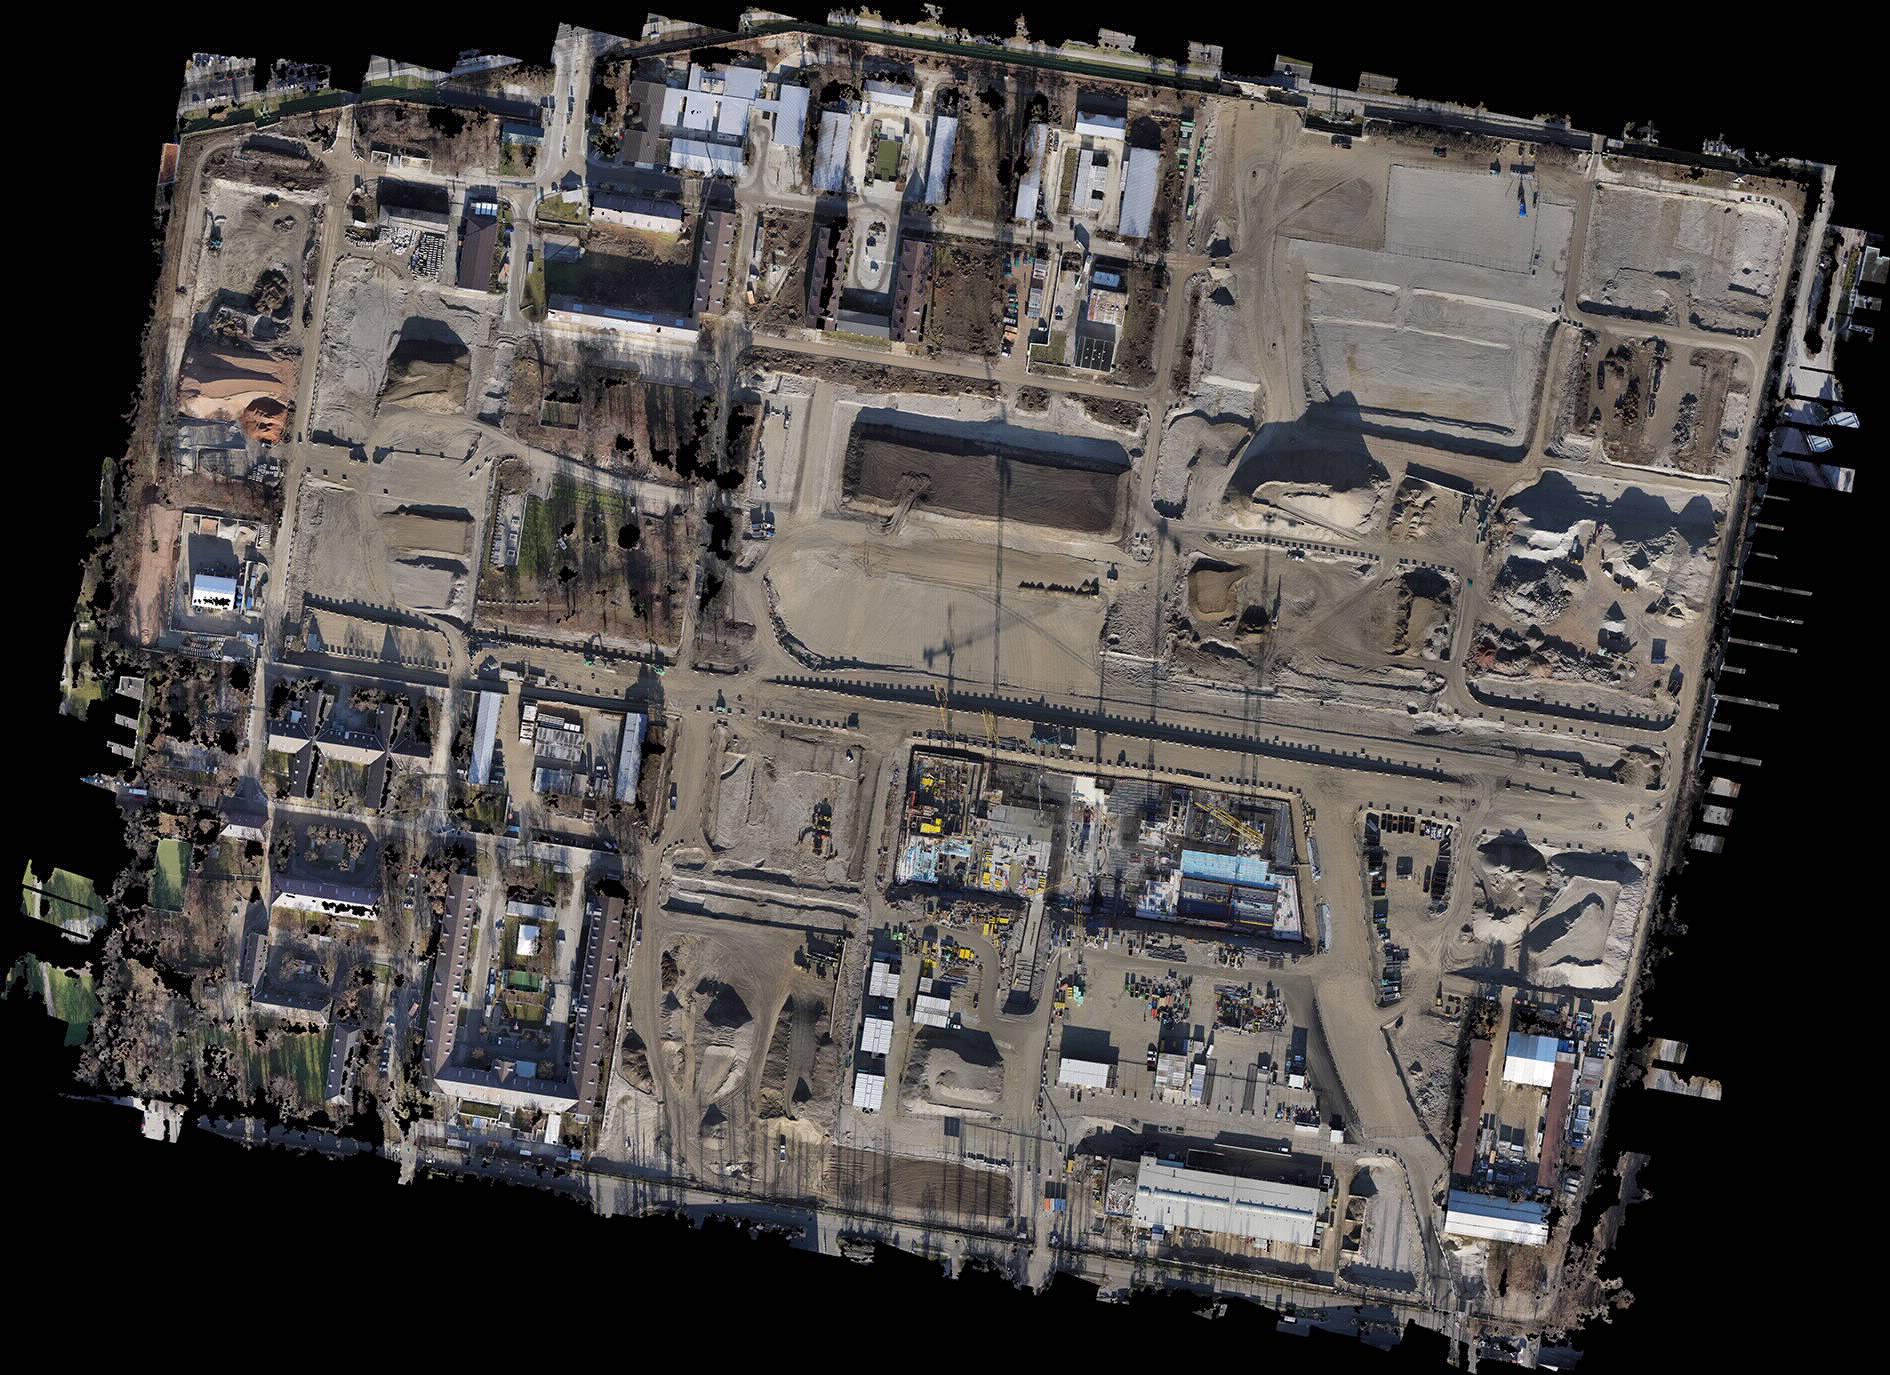 Satellitenbild der Bayernkaserne München